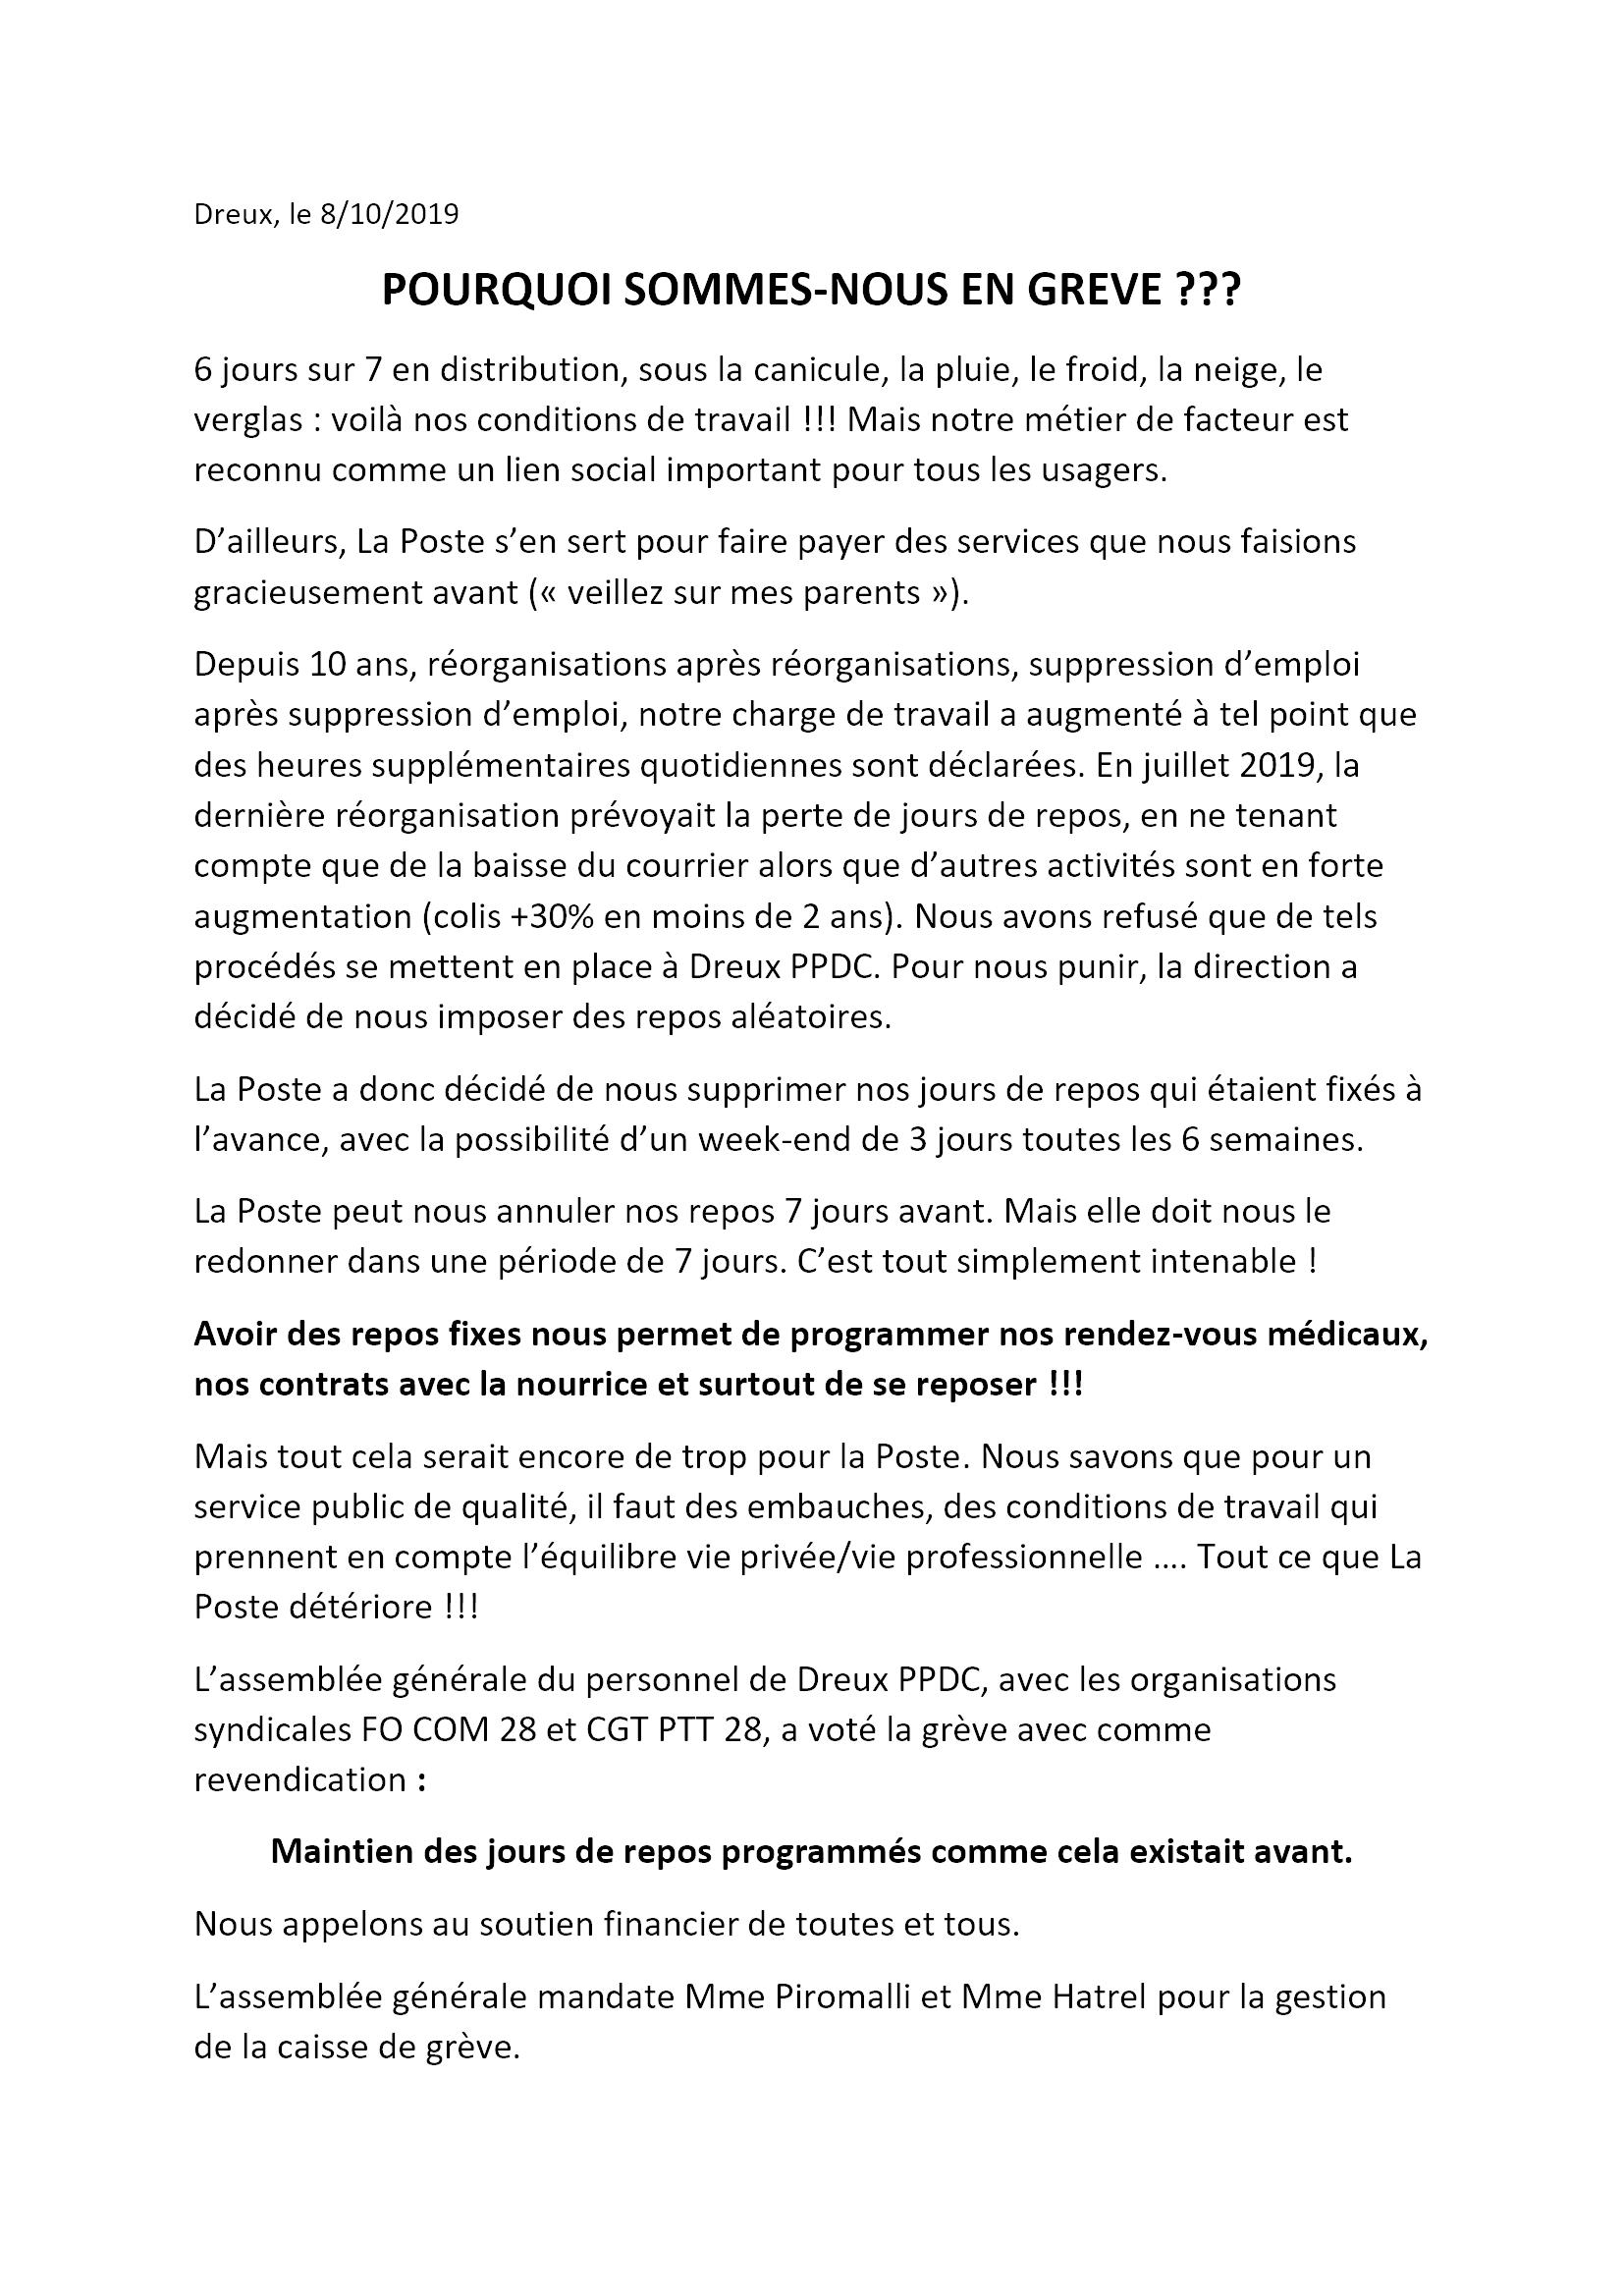 Tract à la population Dreux Grève Postiers FO CGT